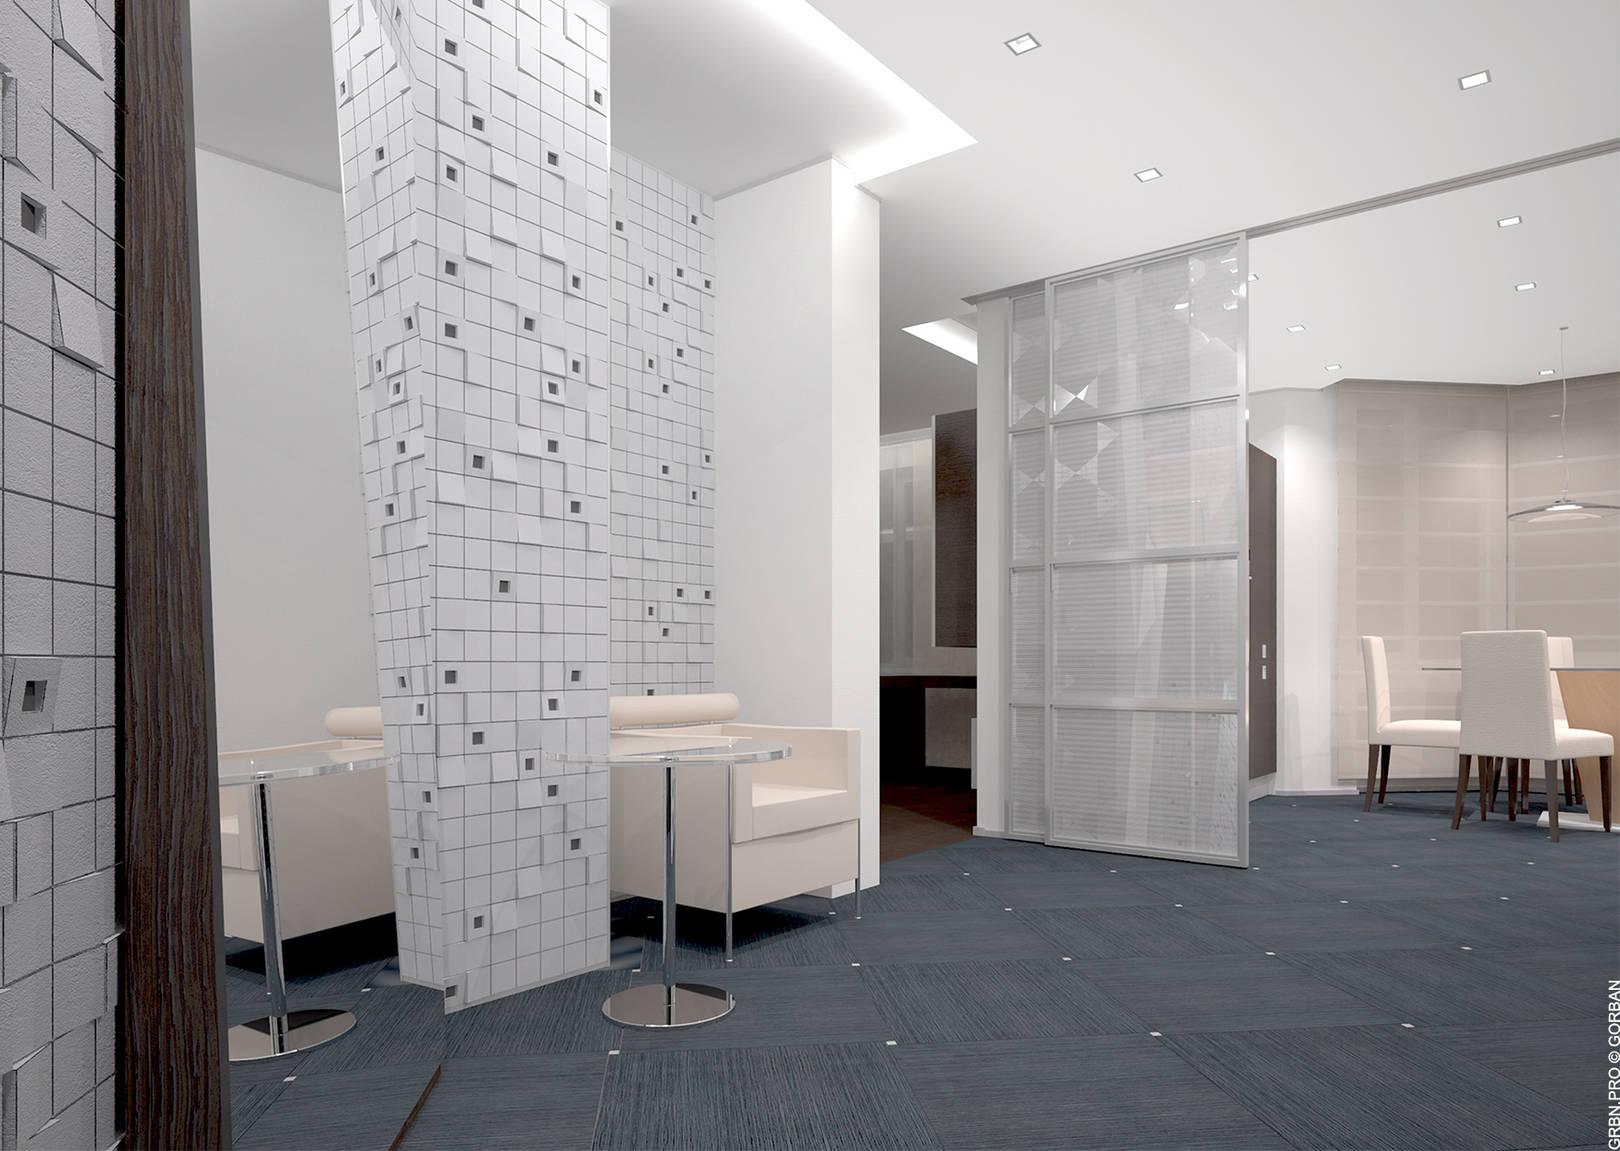 Проект интерьера квартиры. Прихожая. 3D визуализация.